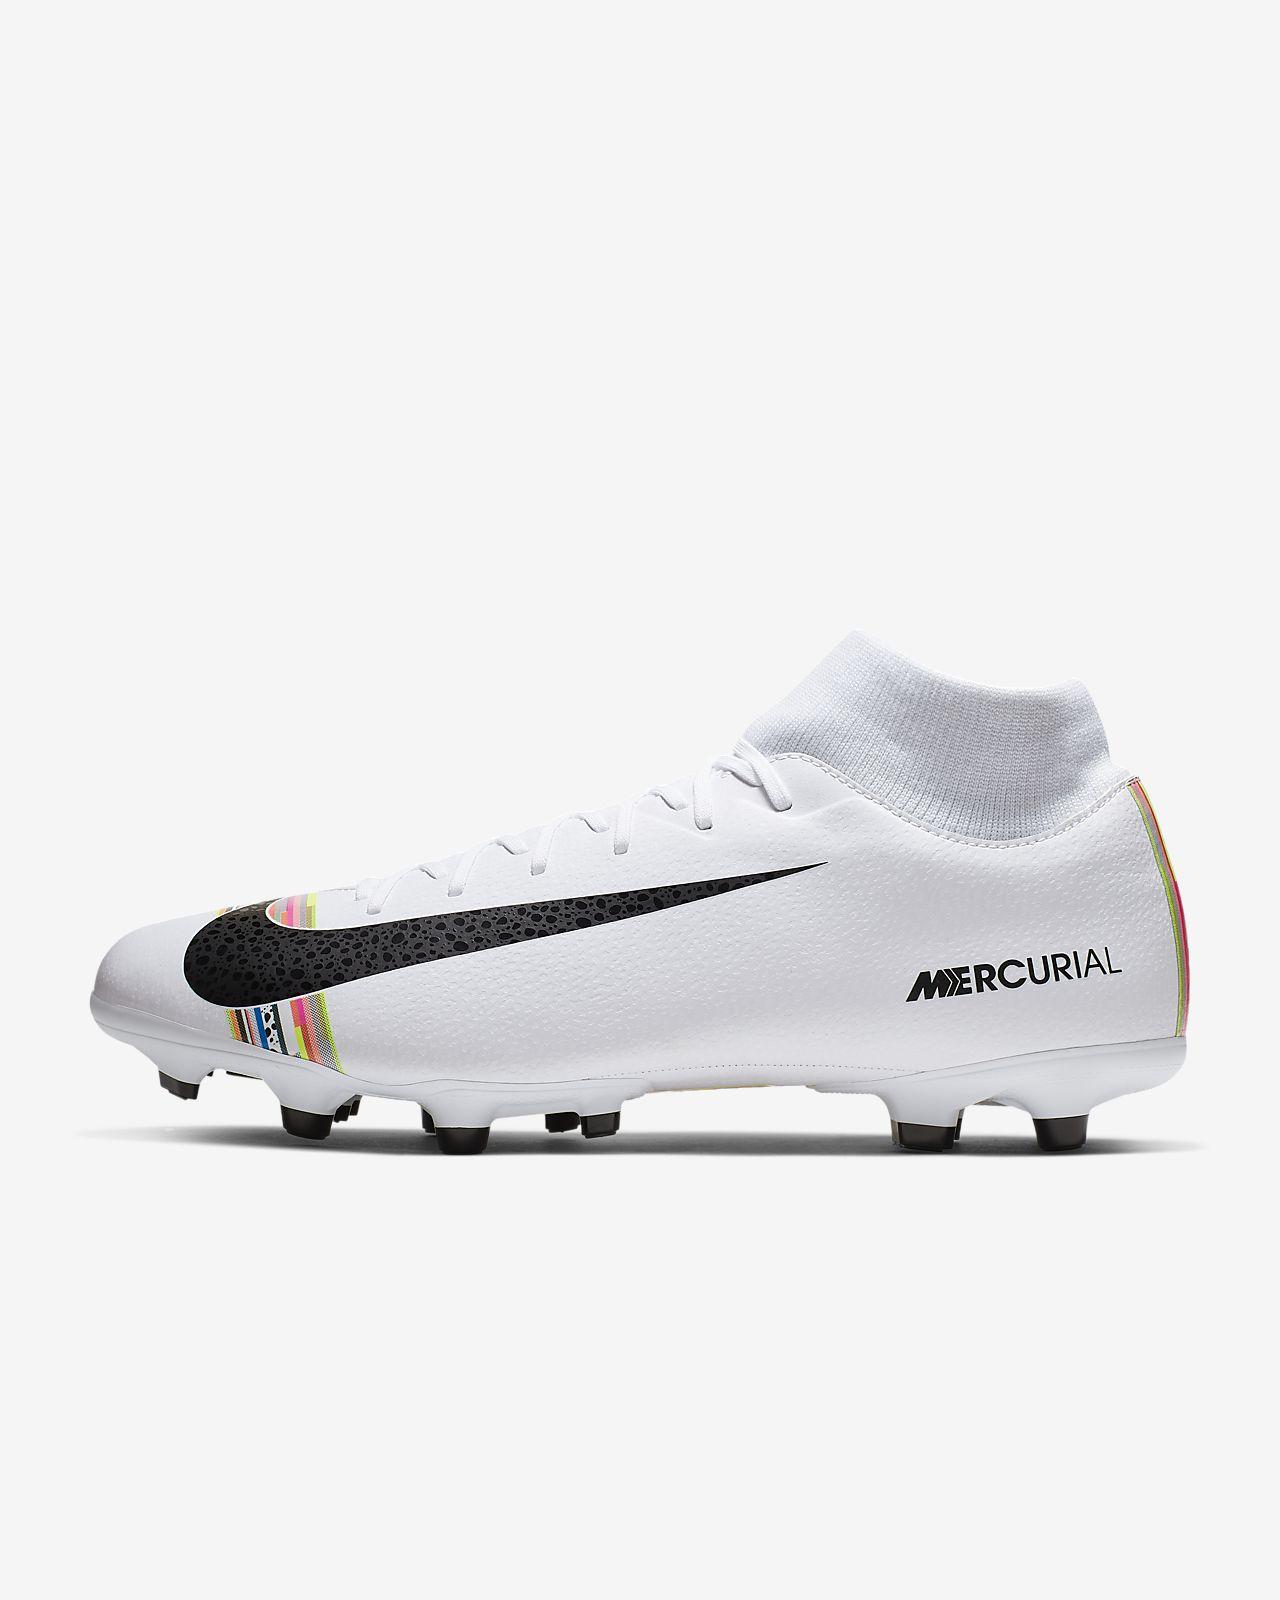 Nike Mercurial Superfly 6 Academy LVL UP MG Fußballschuh für verschiedene Böden